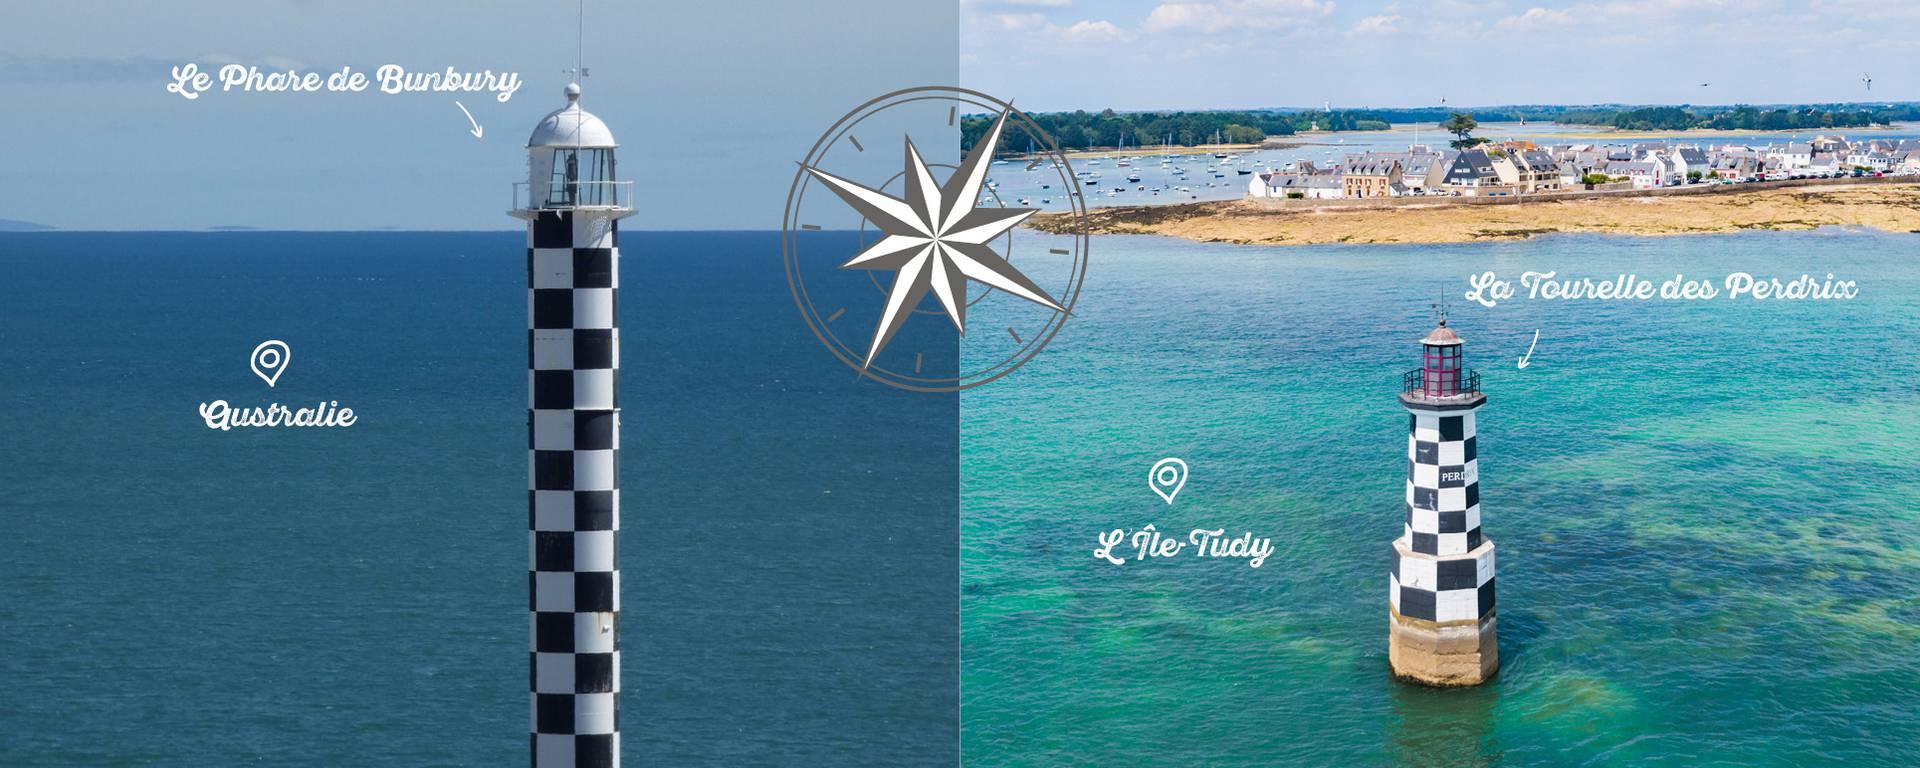 La Tourelle des Perdrix ressemble étrangement au phare de Bunbury en Australie de l'Ouest. ©Freepiks/ © T. PORIEL